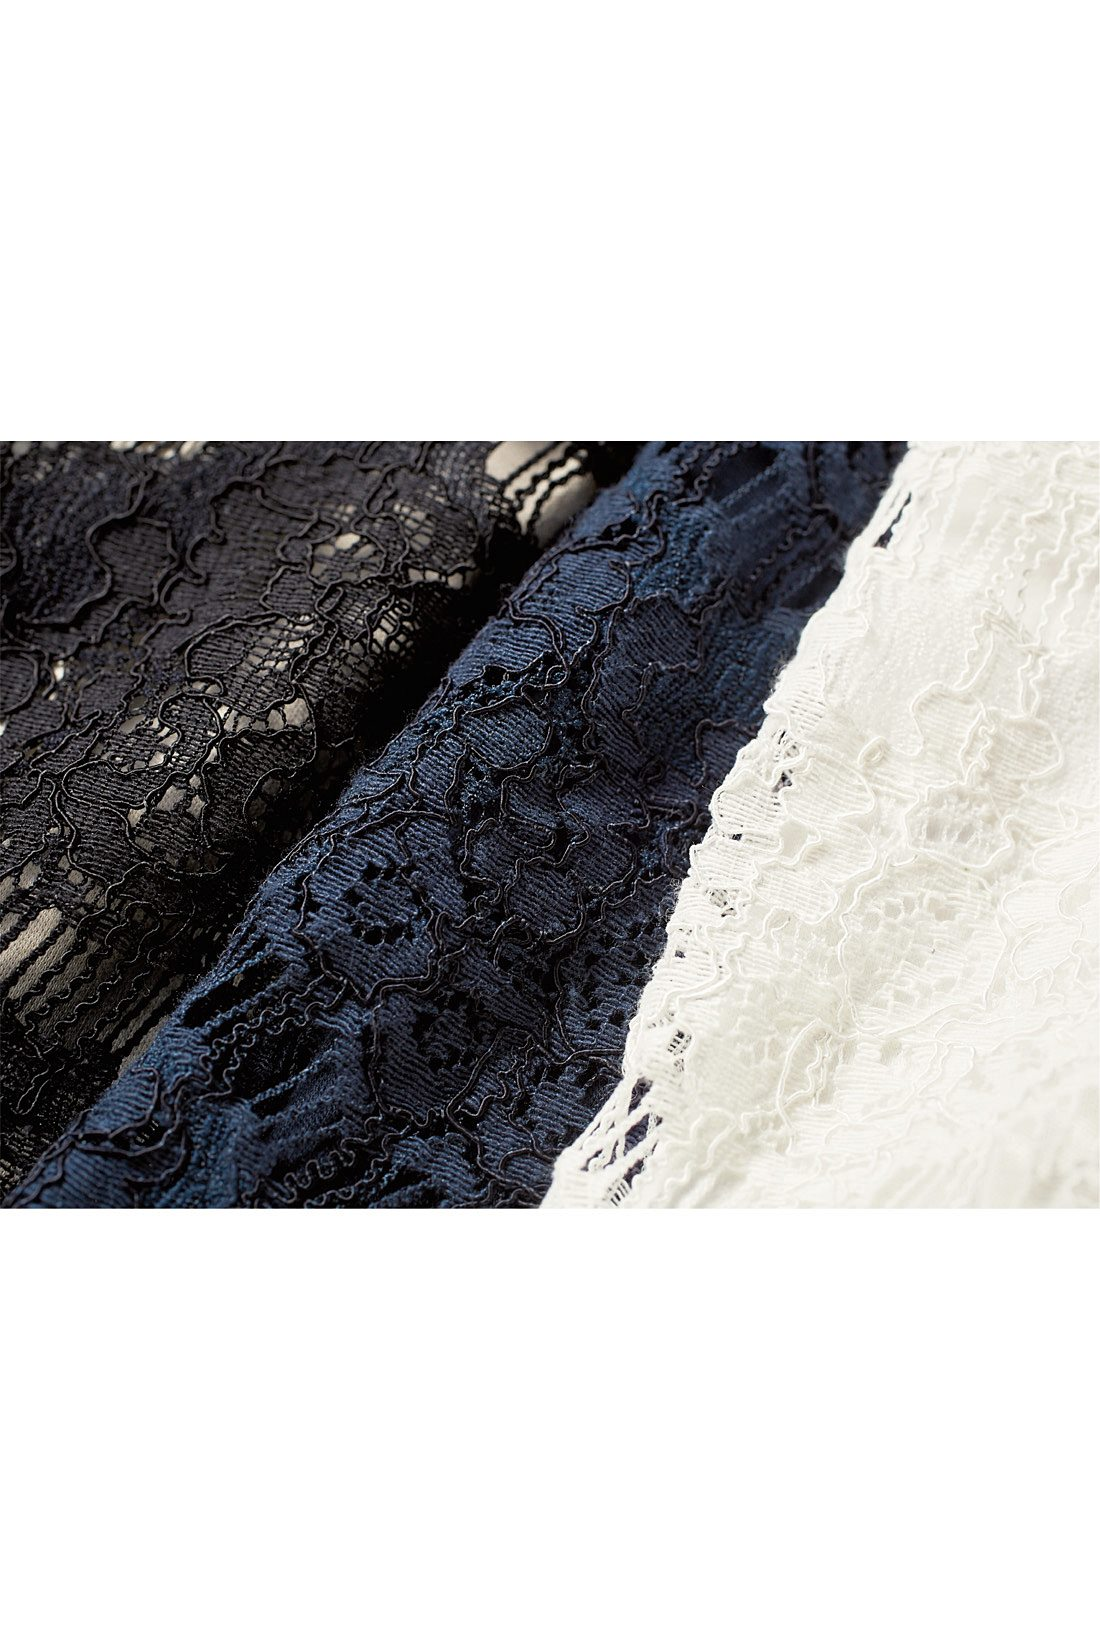 綿100%のカットソーにシルケット加工をほどこした上質な素材感と繊細なレースがぐっと女っぽさを高めます。